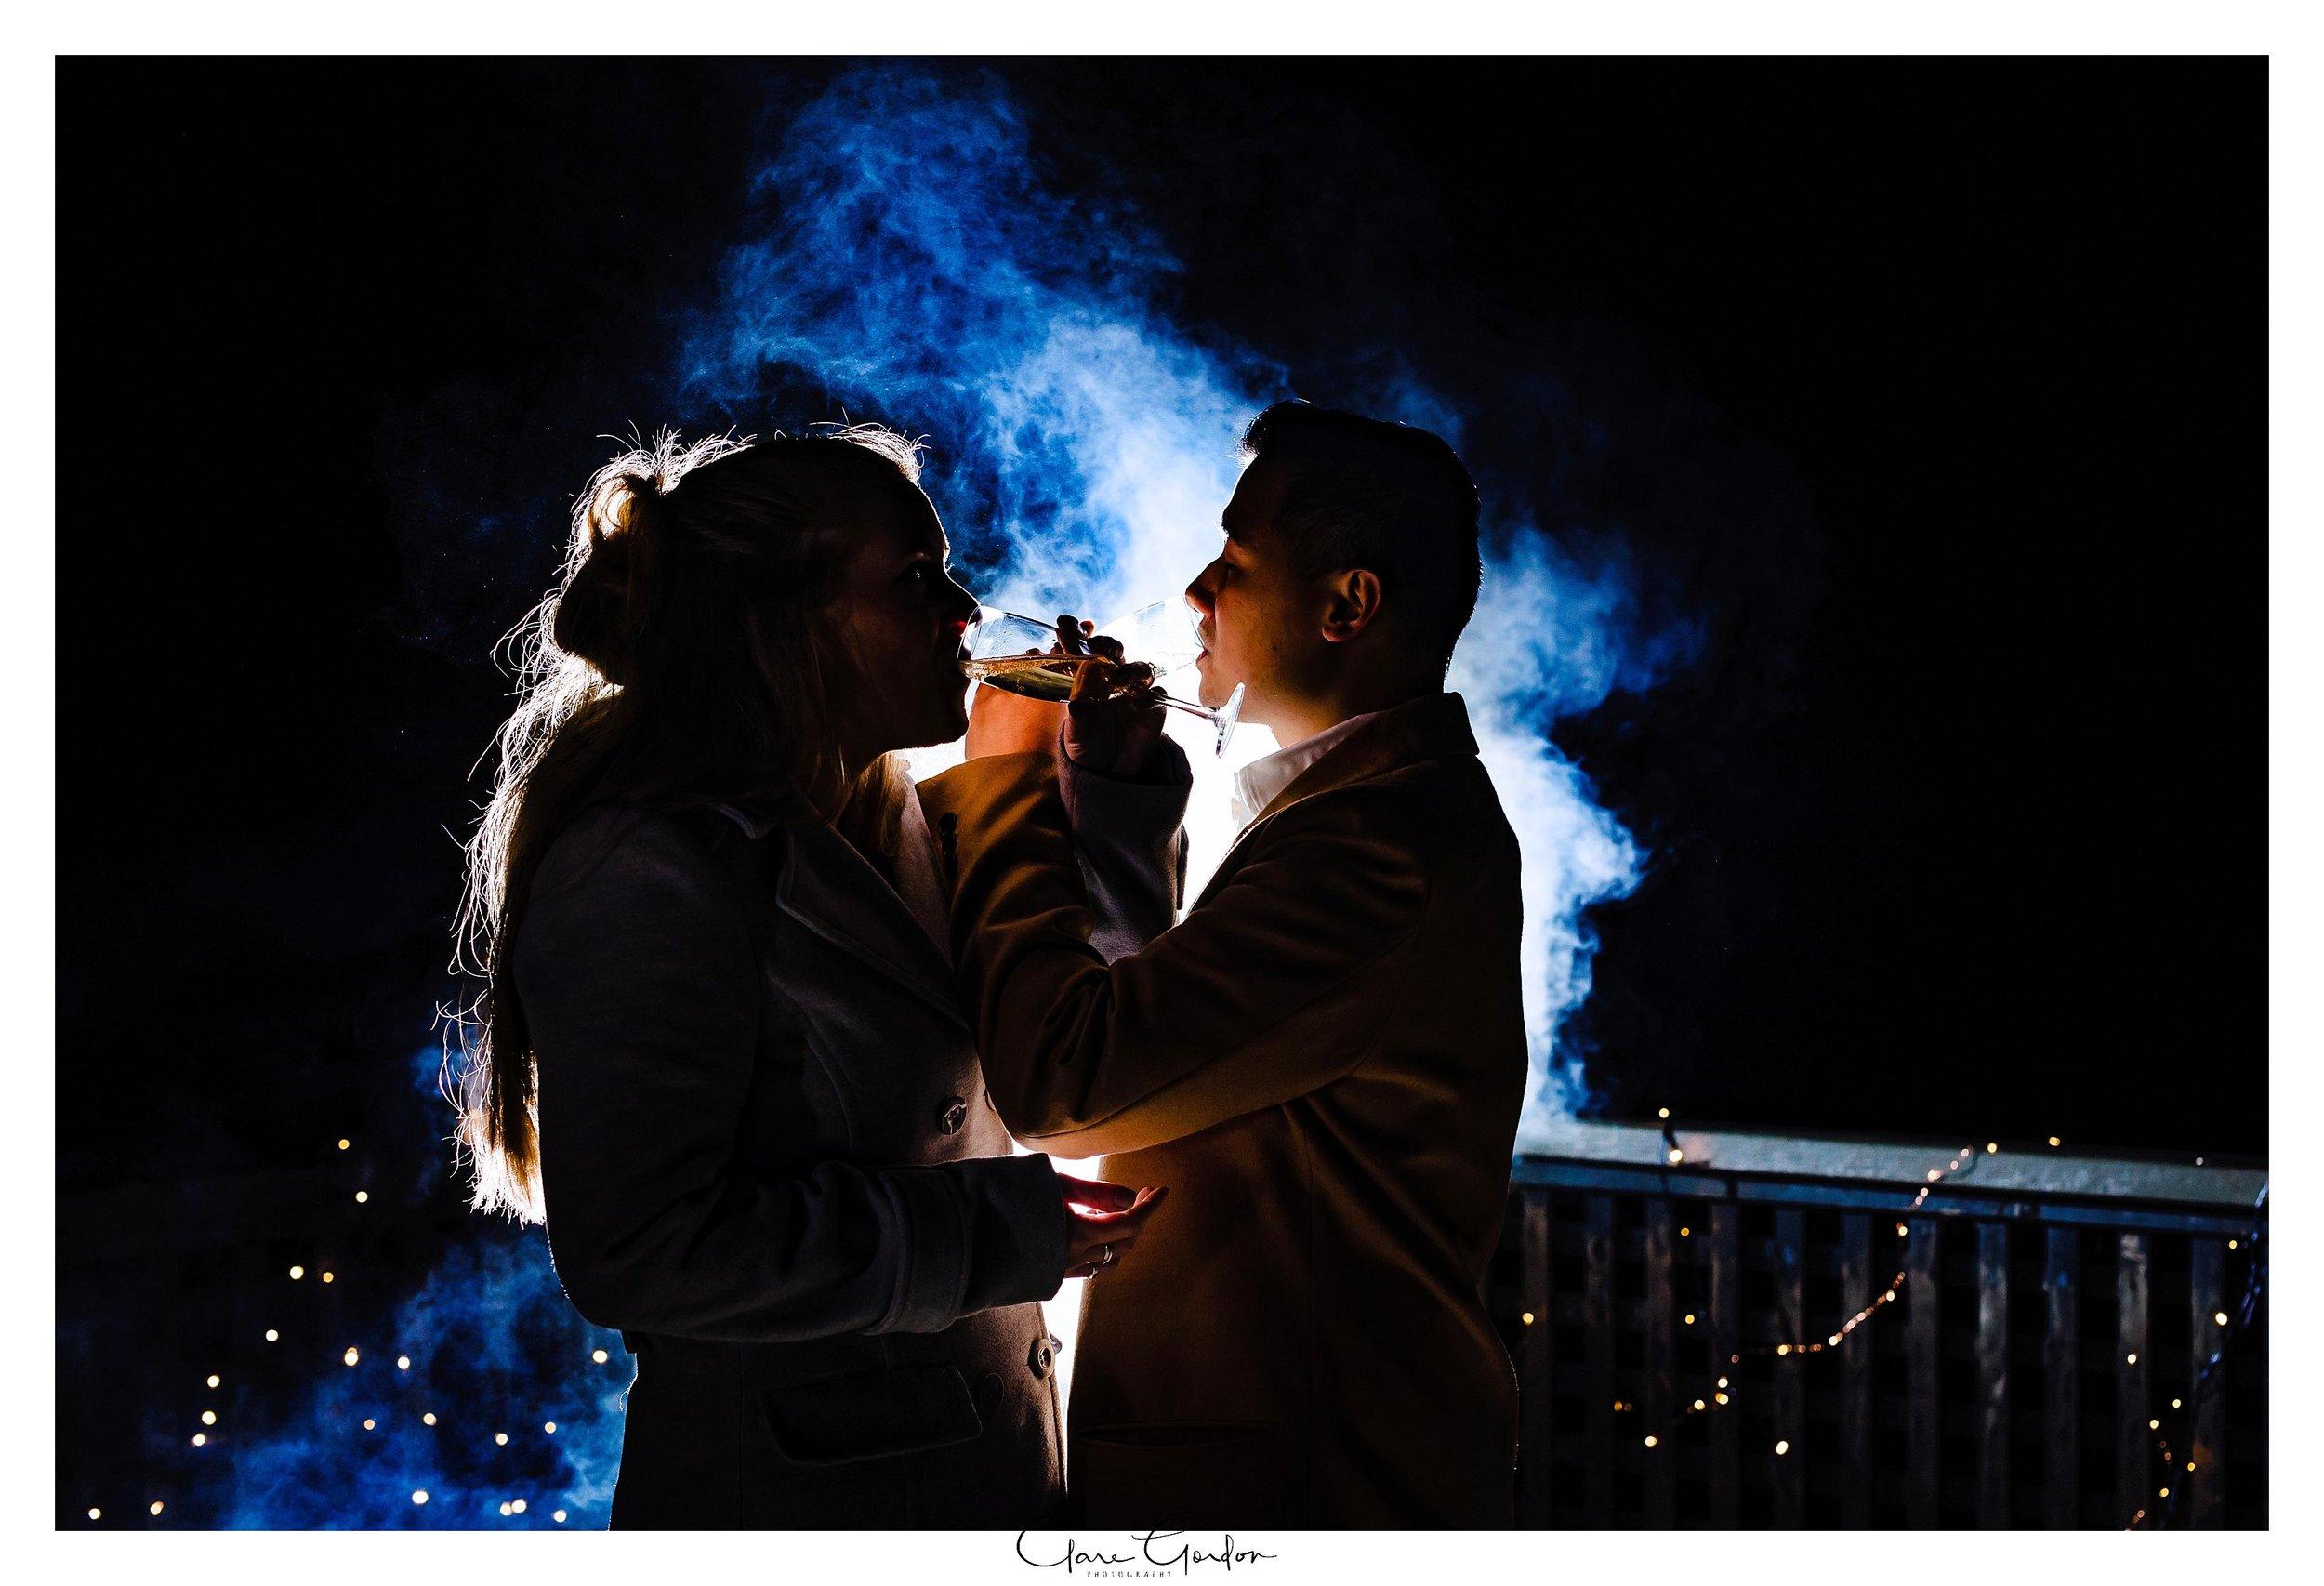 Suprise-Proposal-Engagement-photos-at-night-Raglan-Clare-Gordon-photography (1).jpg